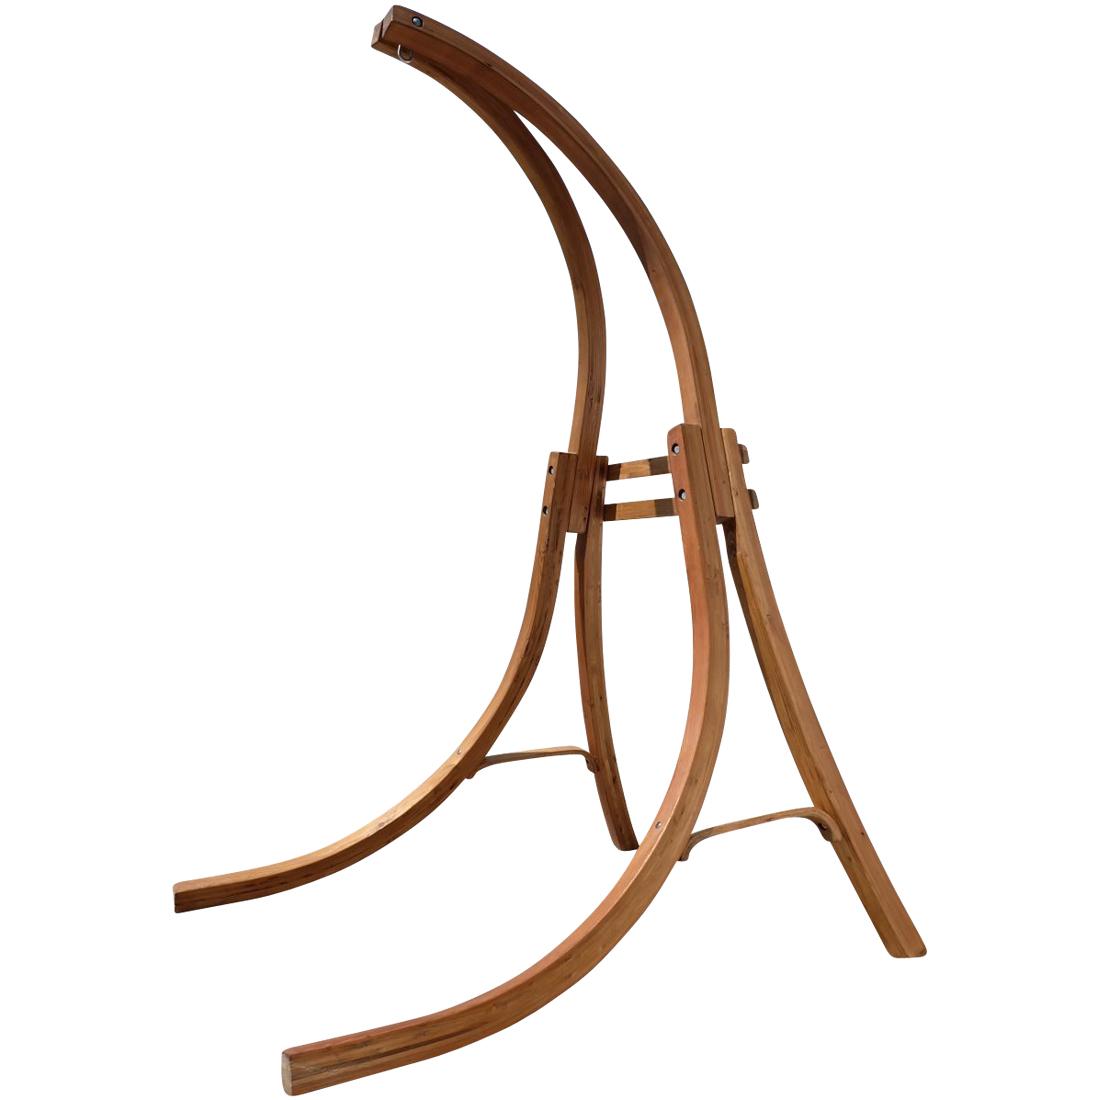 Hängesesselgestell aus Holz Lärche (Gestell ohne Sessel) Modell Catalina HCL